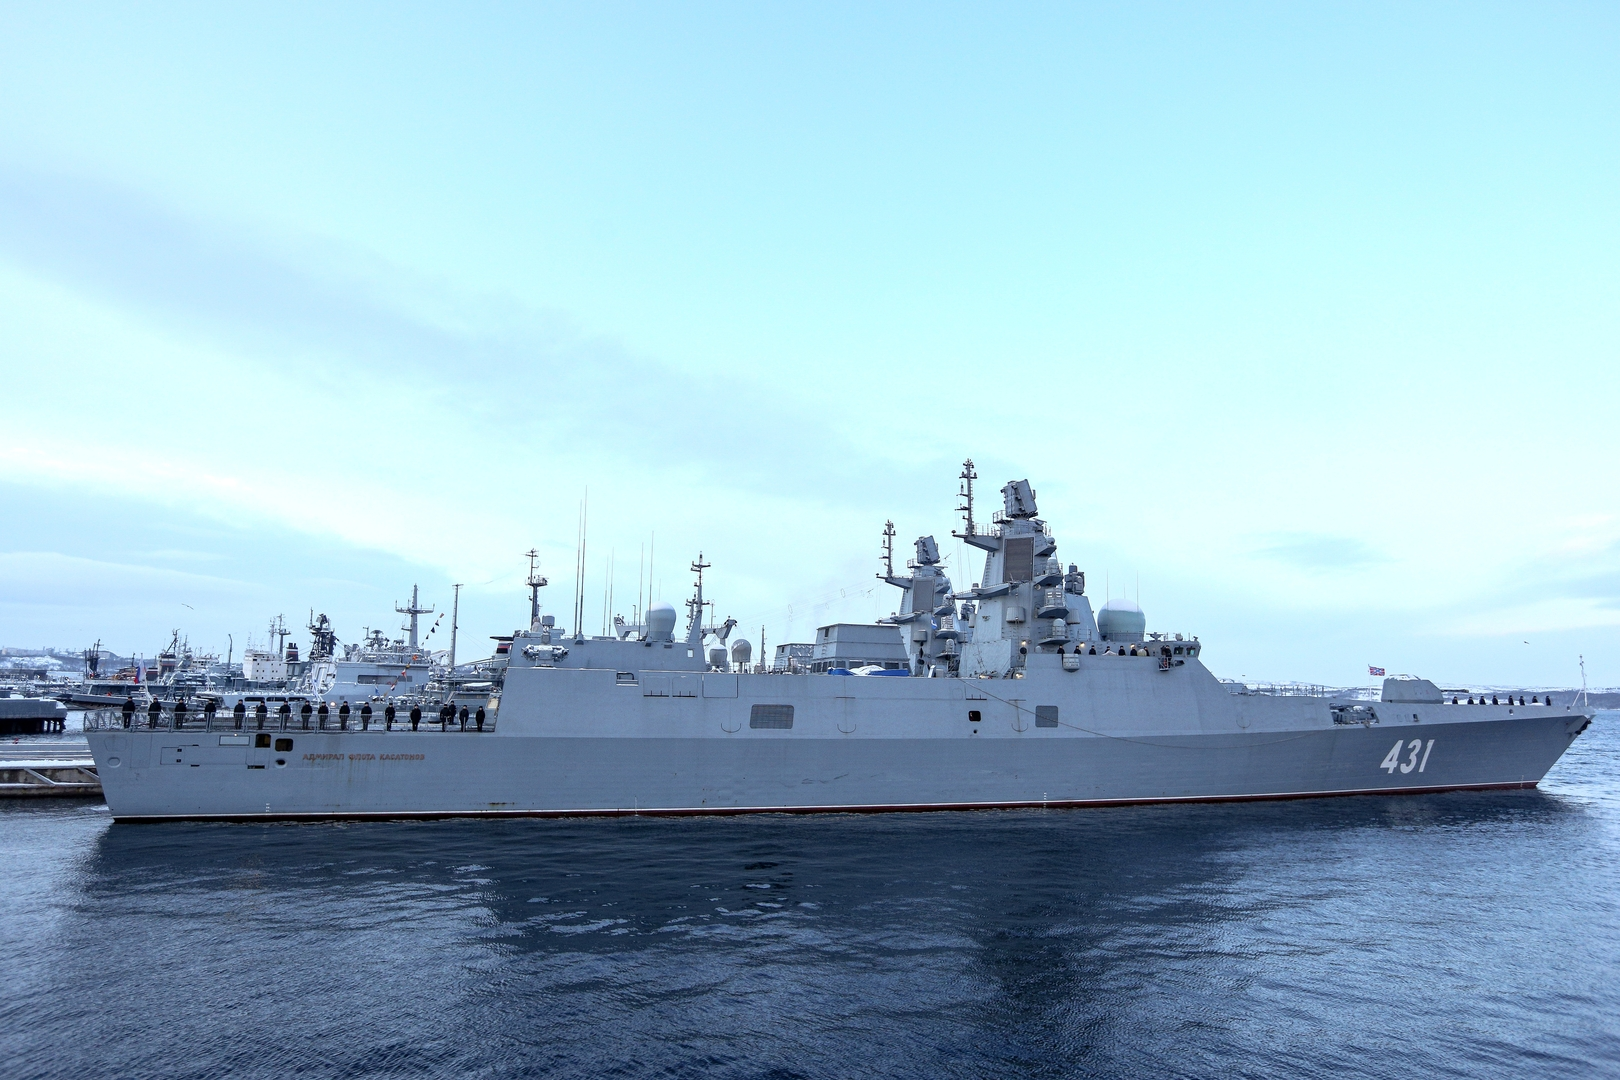 فرقاطتان بأسلحة فرط صوتية تلتحقان بالأسطول الروسي في 2025-2026